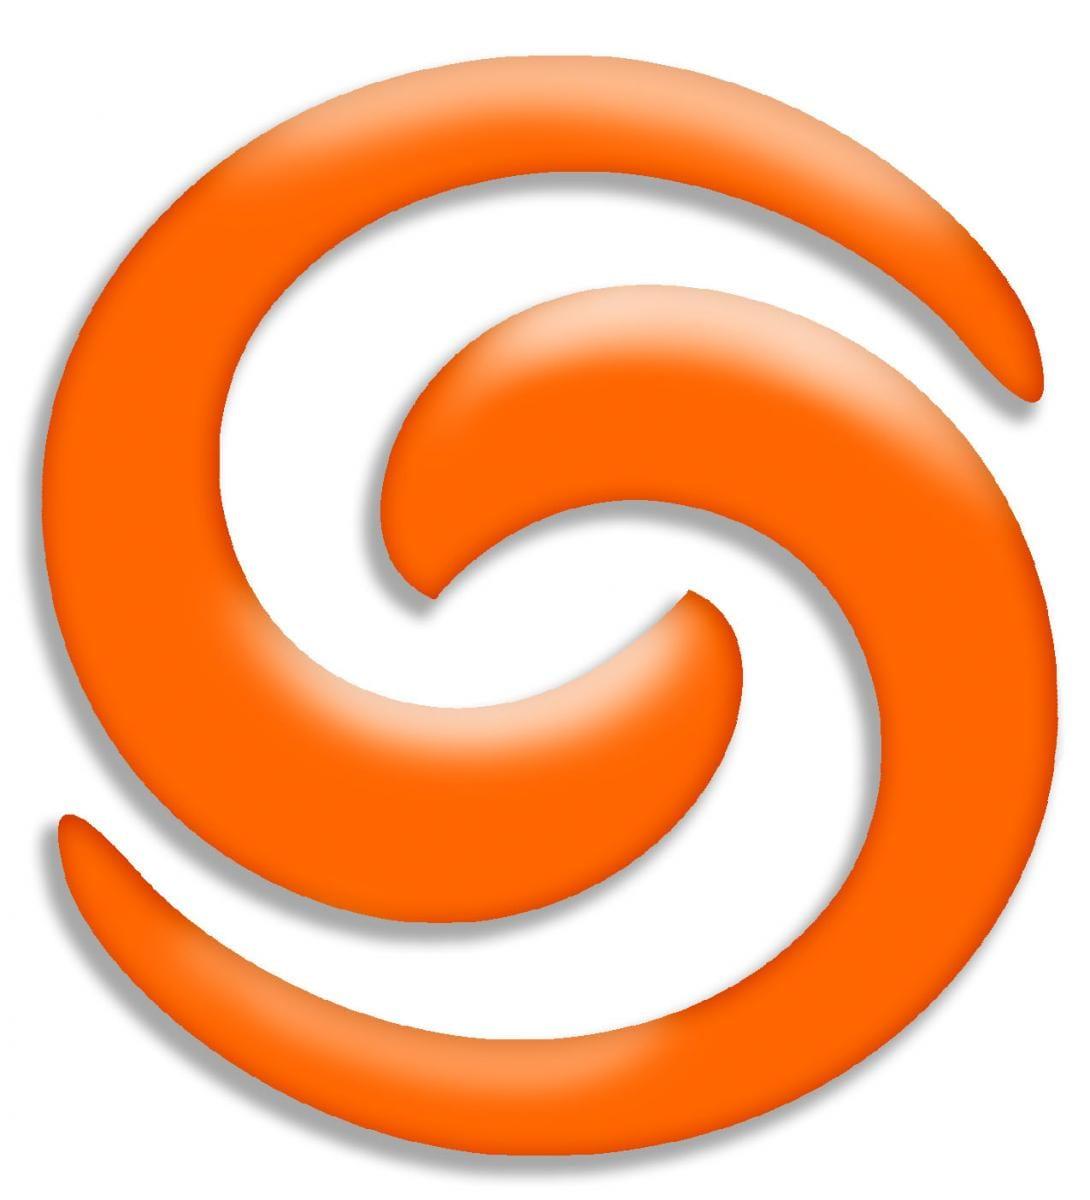 Shoretel logo clipart jpg transparent download ShoreTel Connects Premises and Cloud | TalkingPointz jpg transparent download